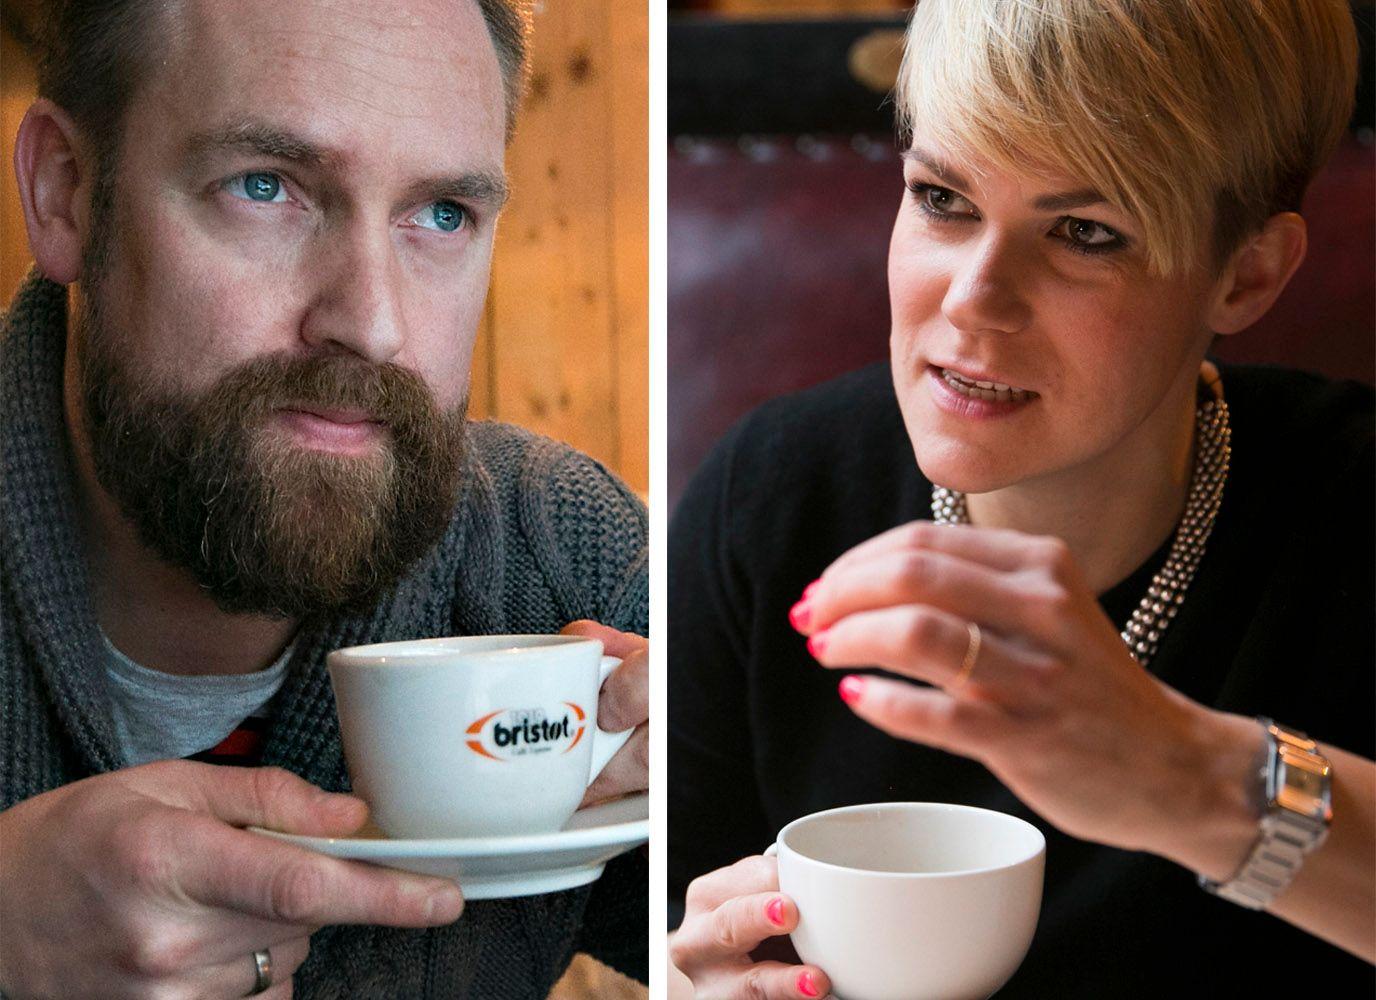 IKKE HVERANDRES KOPP TE: Komikerne Ørjan Burøe og Sigrid Bonde Tusvik.